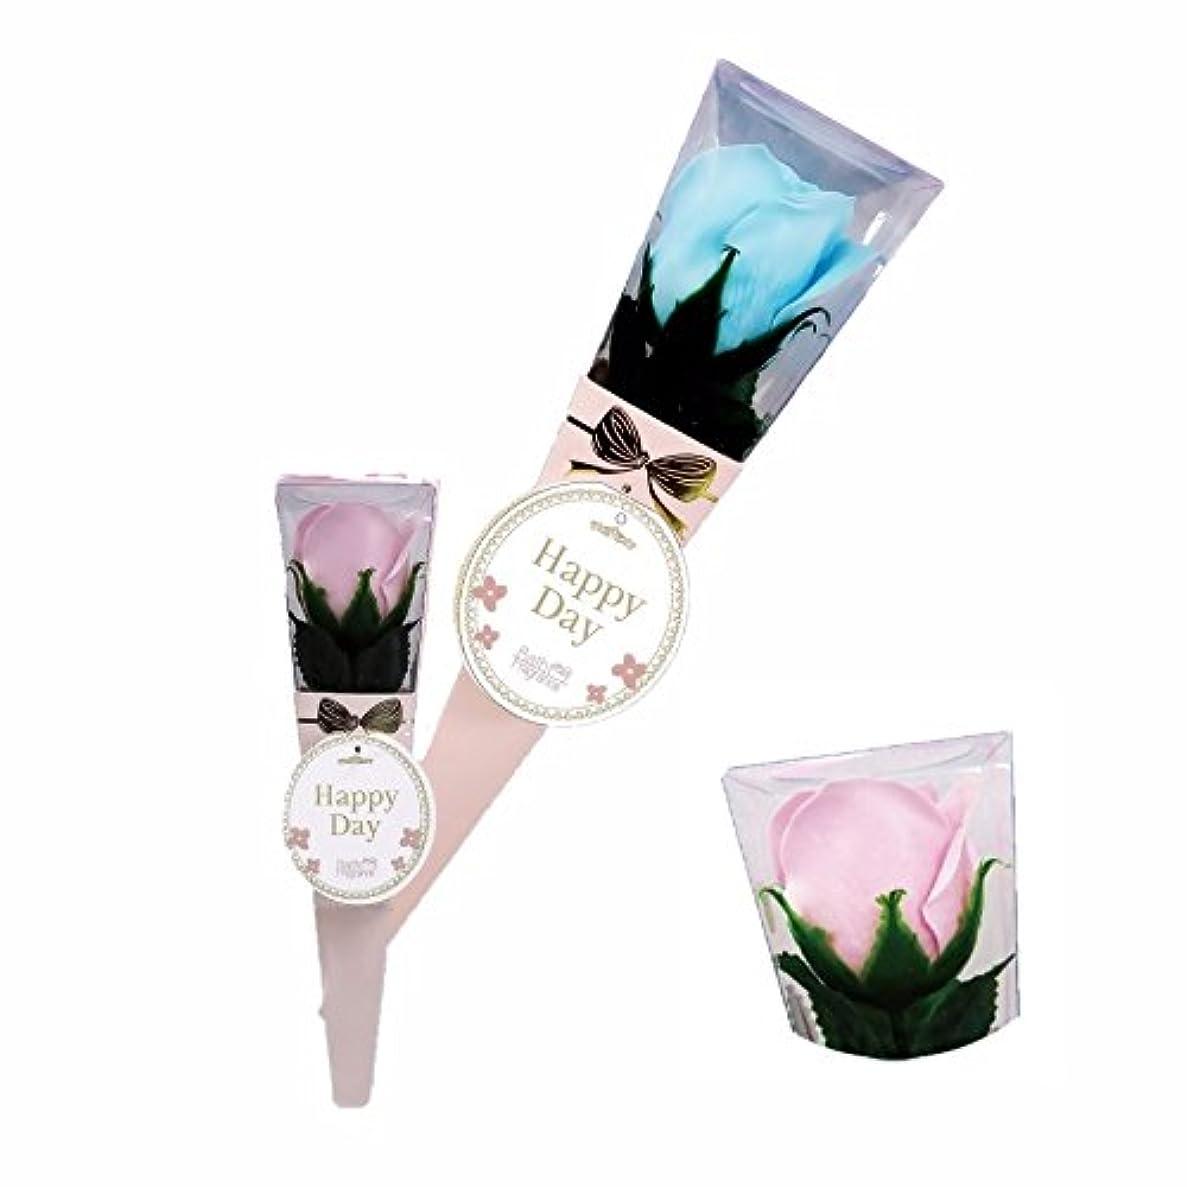 タンク長老コンパニオンバスフレグランス ミニローズブーケ ピンク バスフラワー ギフト お花の形の入浴剤